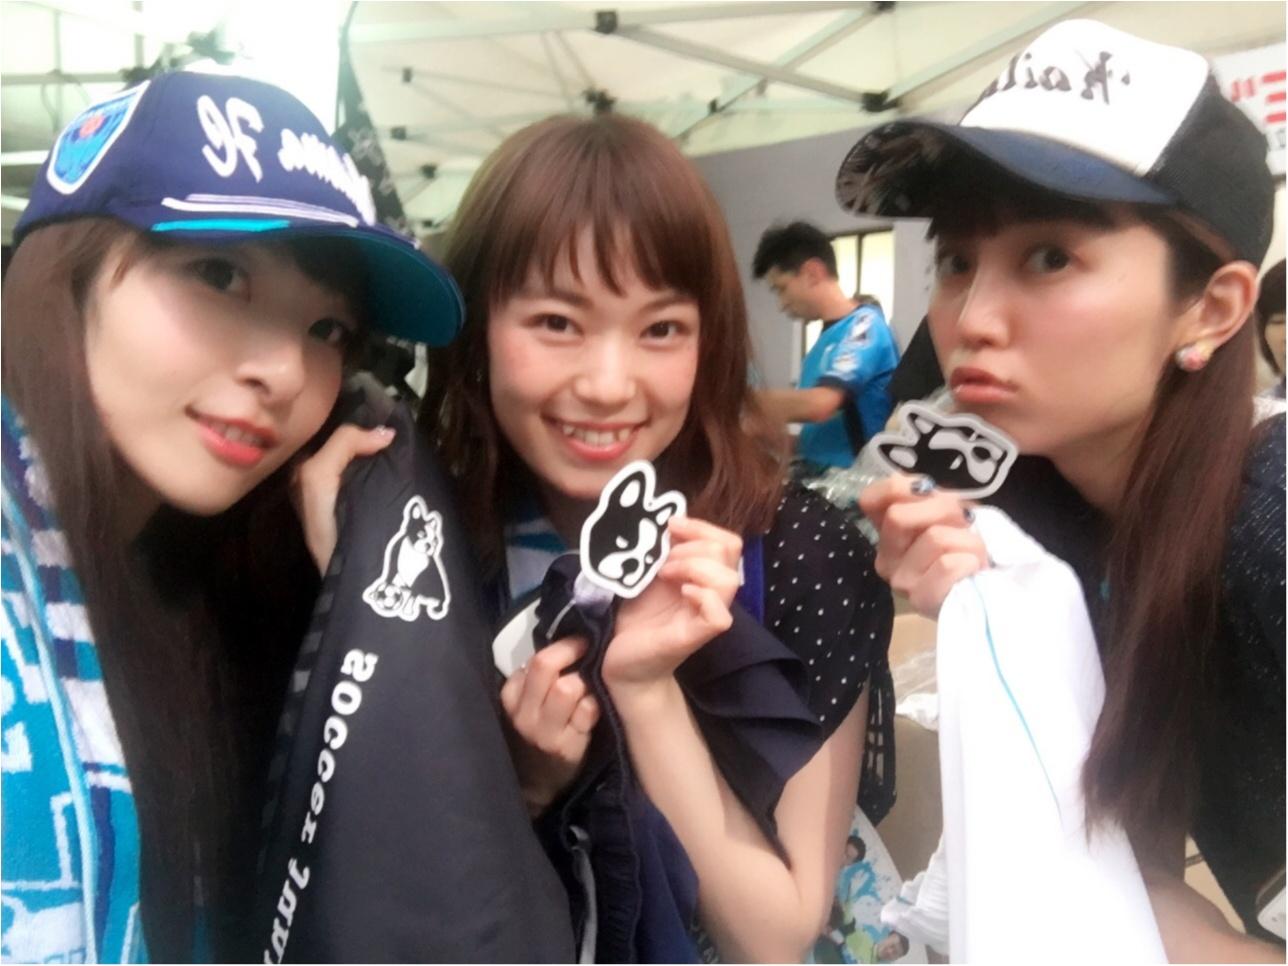 ♡サッカー観戦×モアハピ女子会(*>ω<*)‼︎【横浜FC】♡モアハピ◡̈のぞみ♡_14